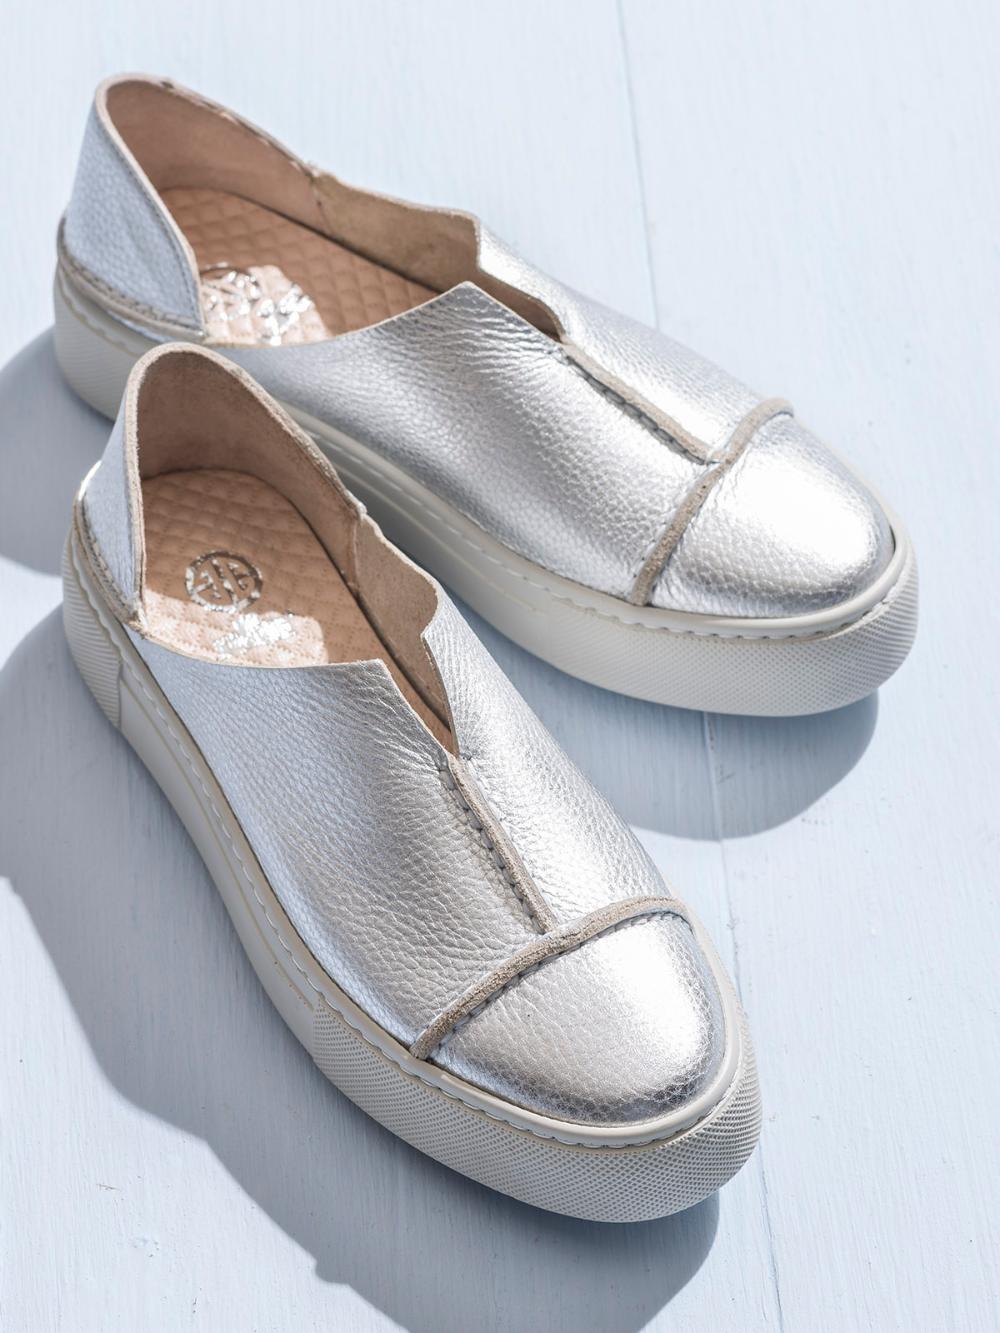 Duz Ayakkabi Modelleri Ve Fiyatlari Elle Shoes Sayfa 2 2020 Oxford Ayakkabilar Ayakkabilar Sneaker